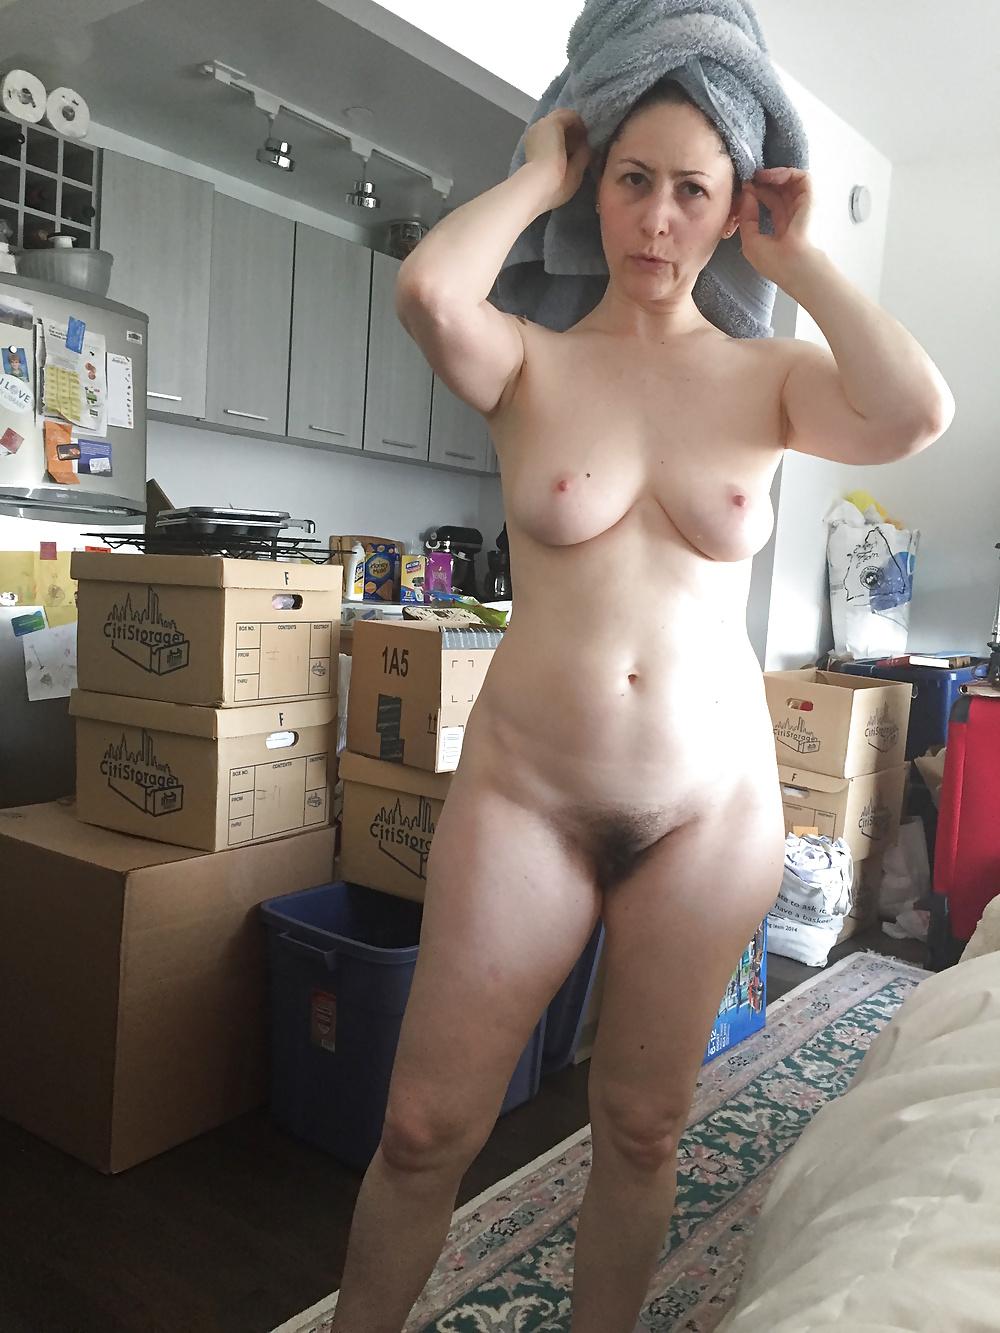 Nackte Frau wandelt zu Hausen. - Bild 6